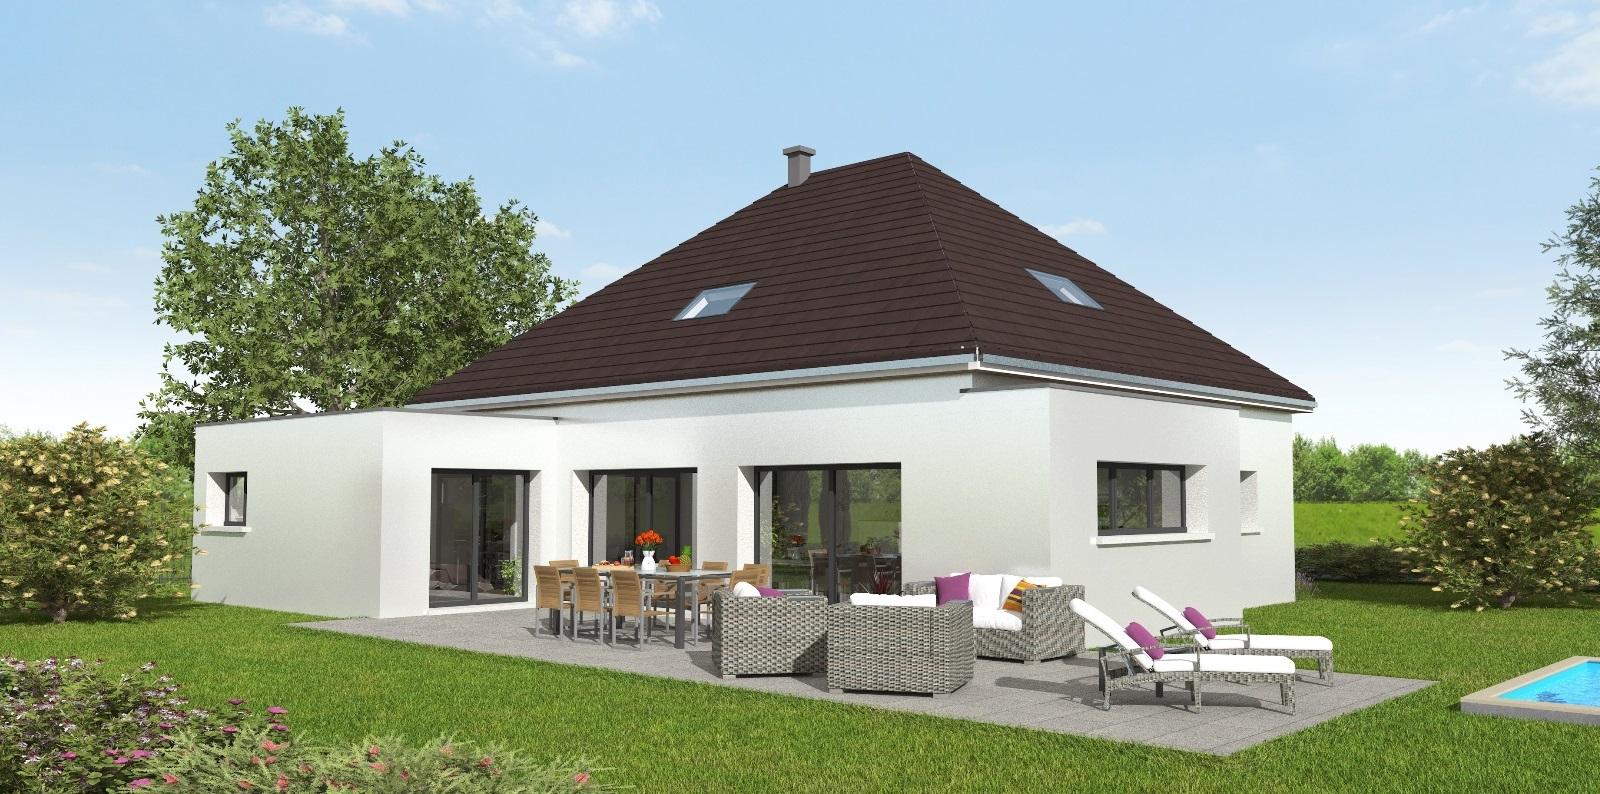 alsace construction constructeur maison neuve individuelle jumelee design contemporaine